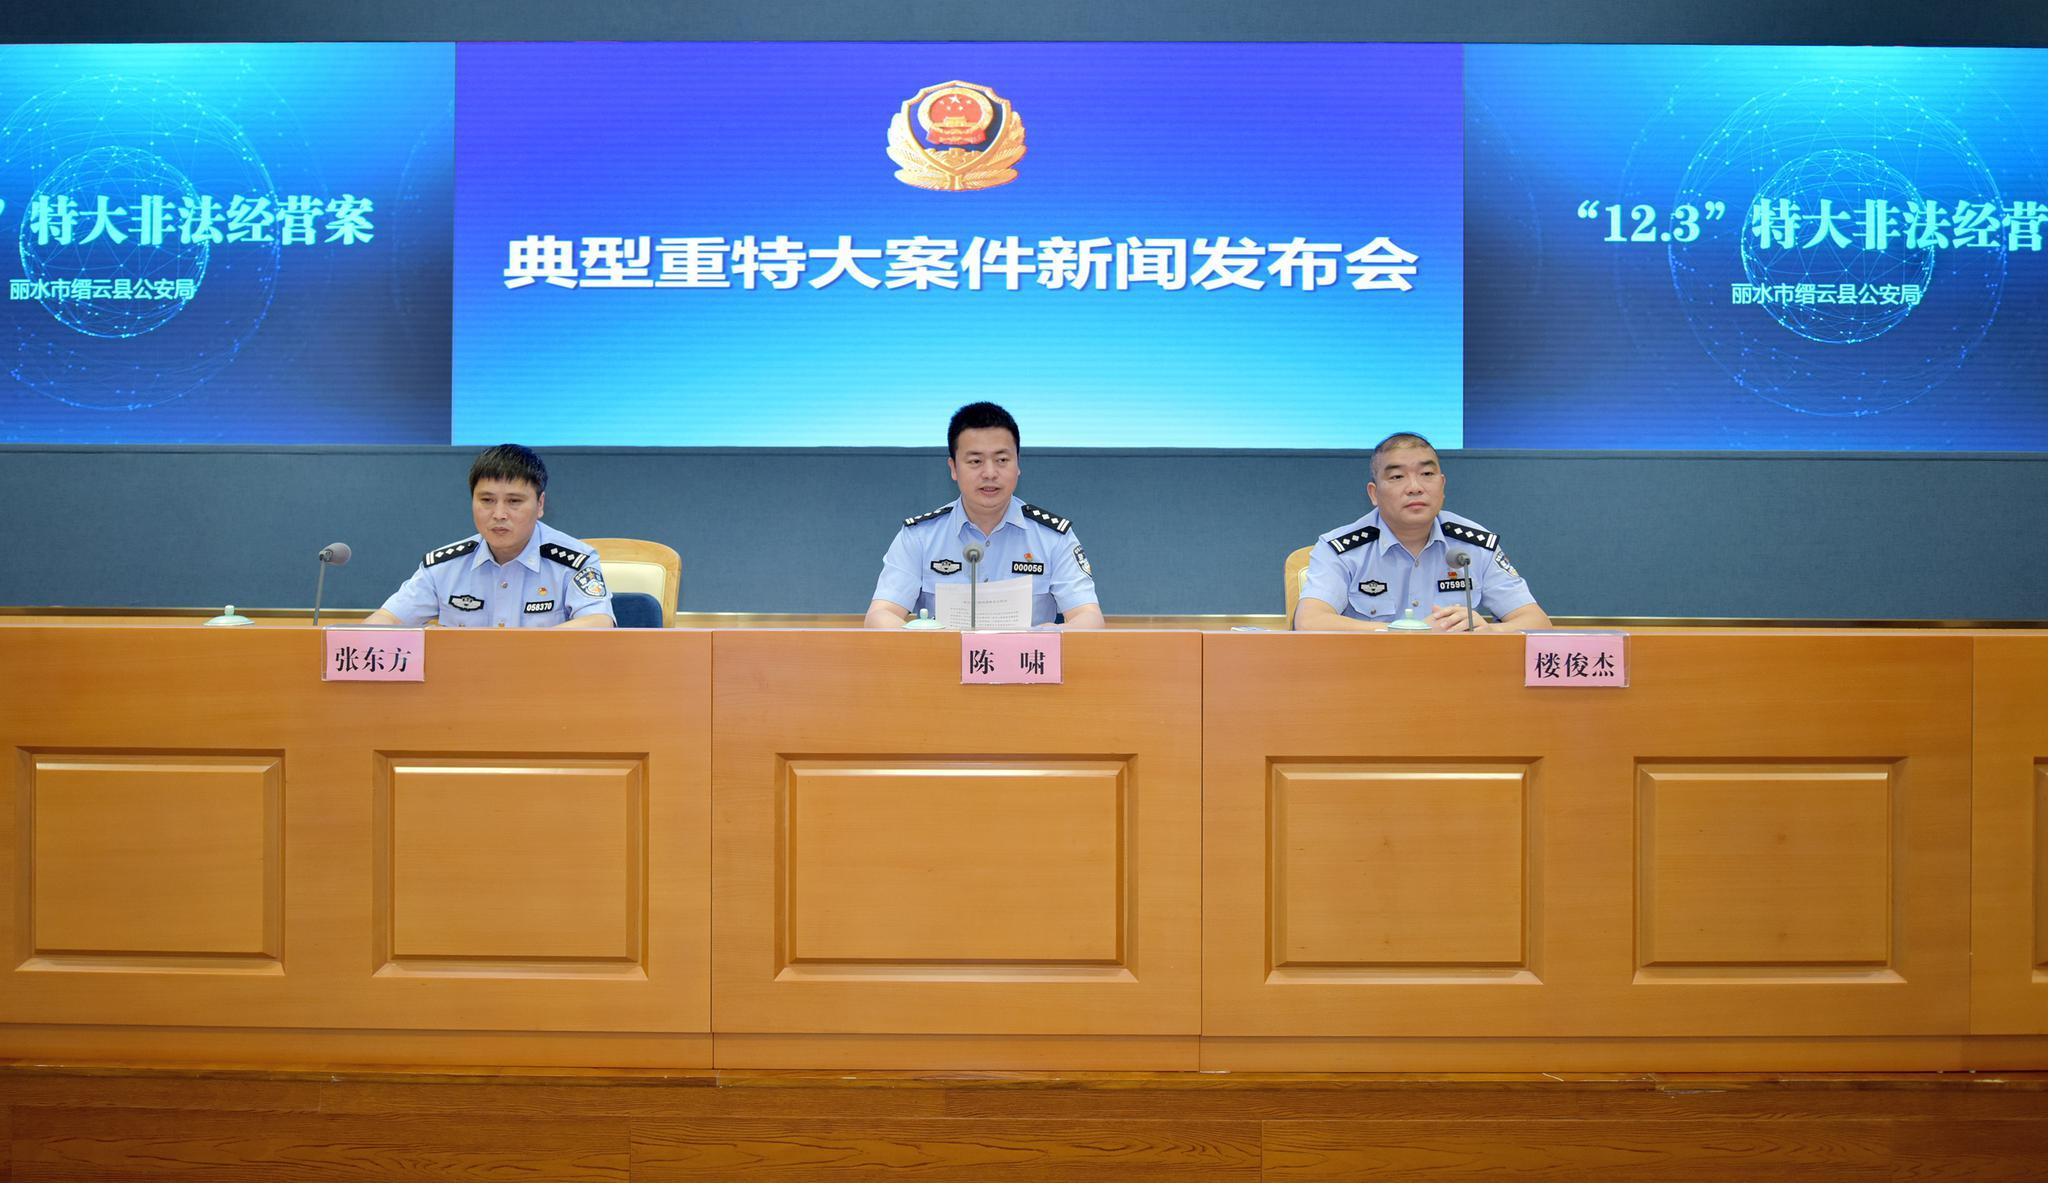 而北京虹辉公司则拓展下游网络赌博平台,赌博平台包括亚博,澳门太阳城